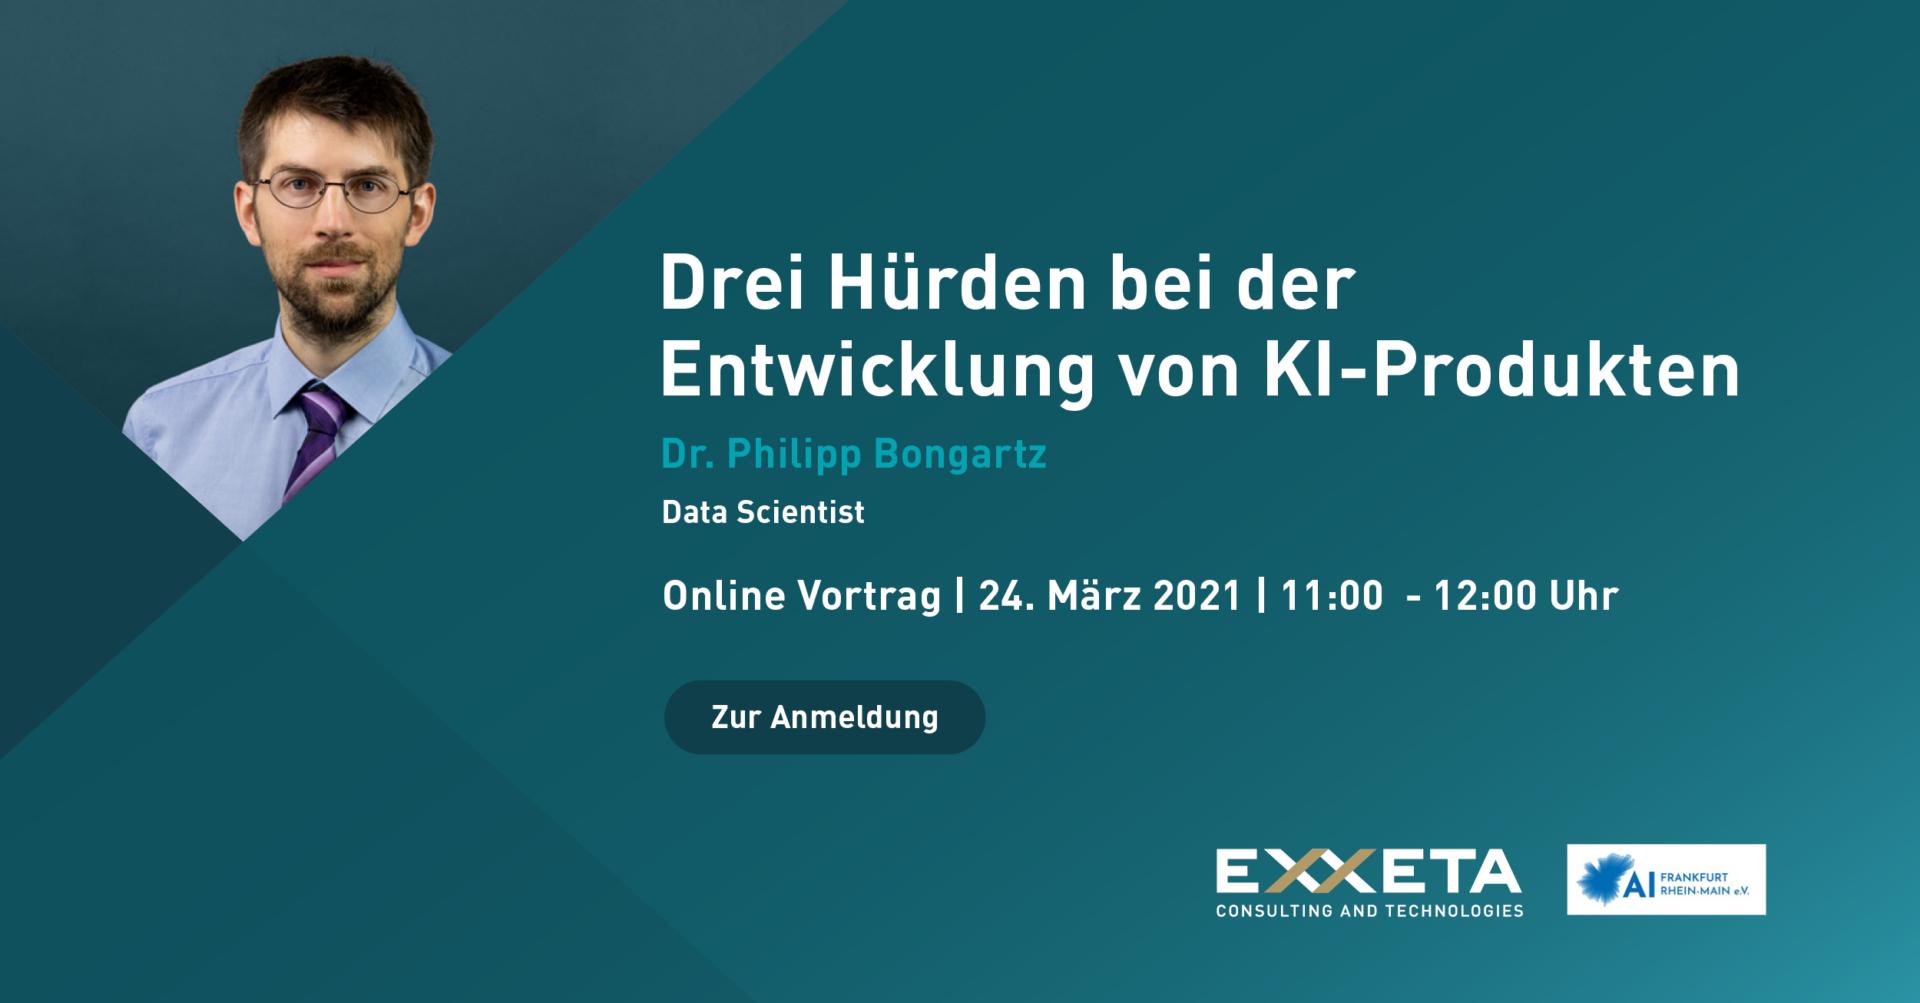 """""""Drei Hürden bei der Entwicklung von KI-Produkten"""": Mit diesem Thema befasst sich Dr. Philipp Bongartz von Exxeta"""